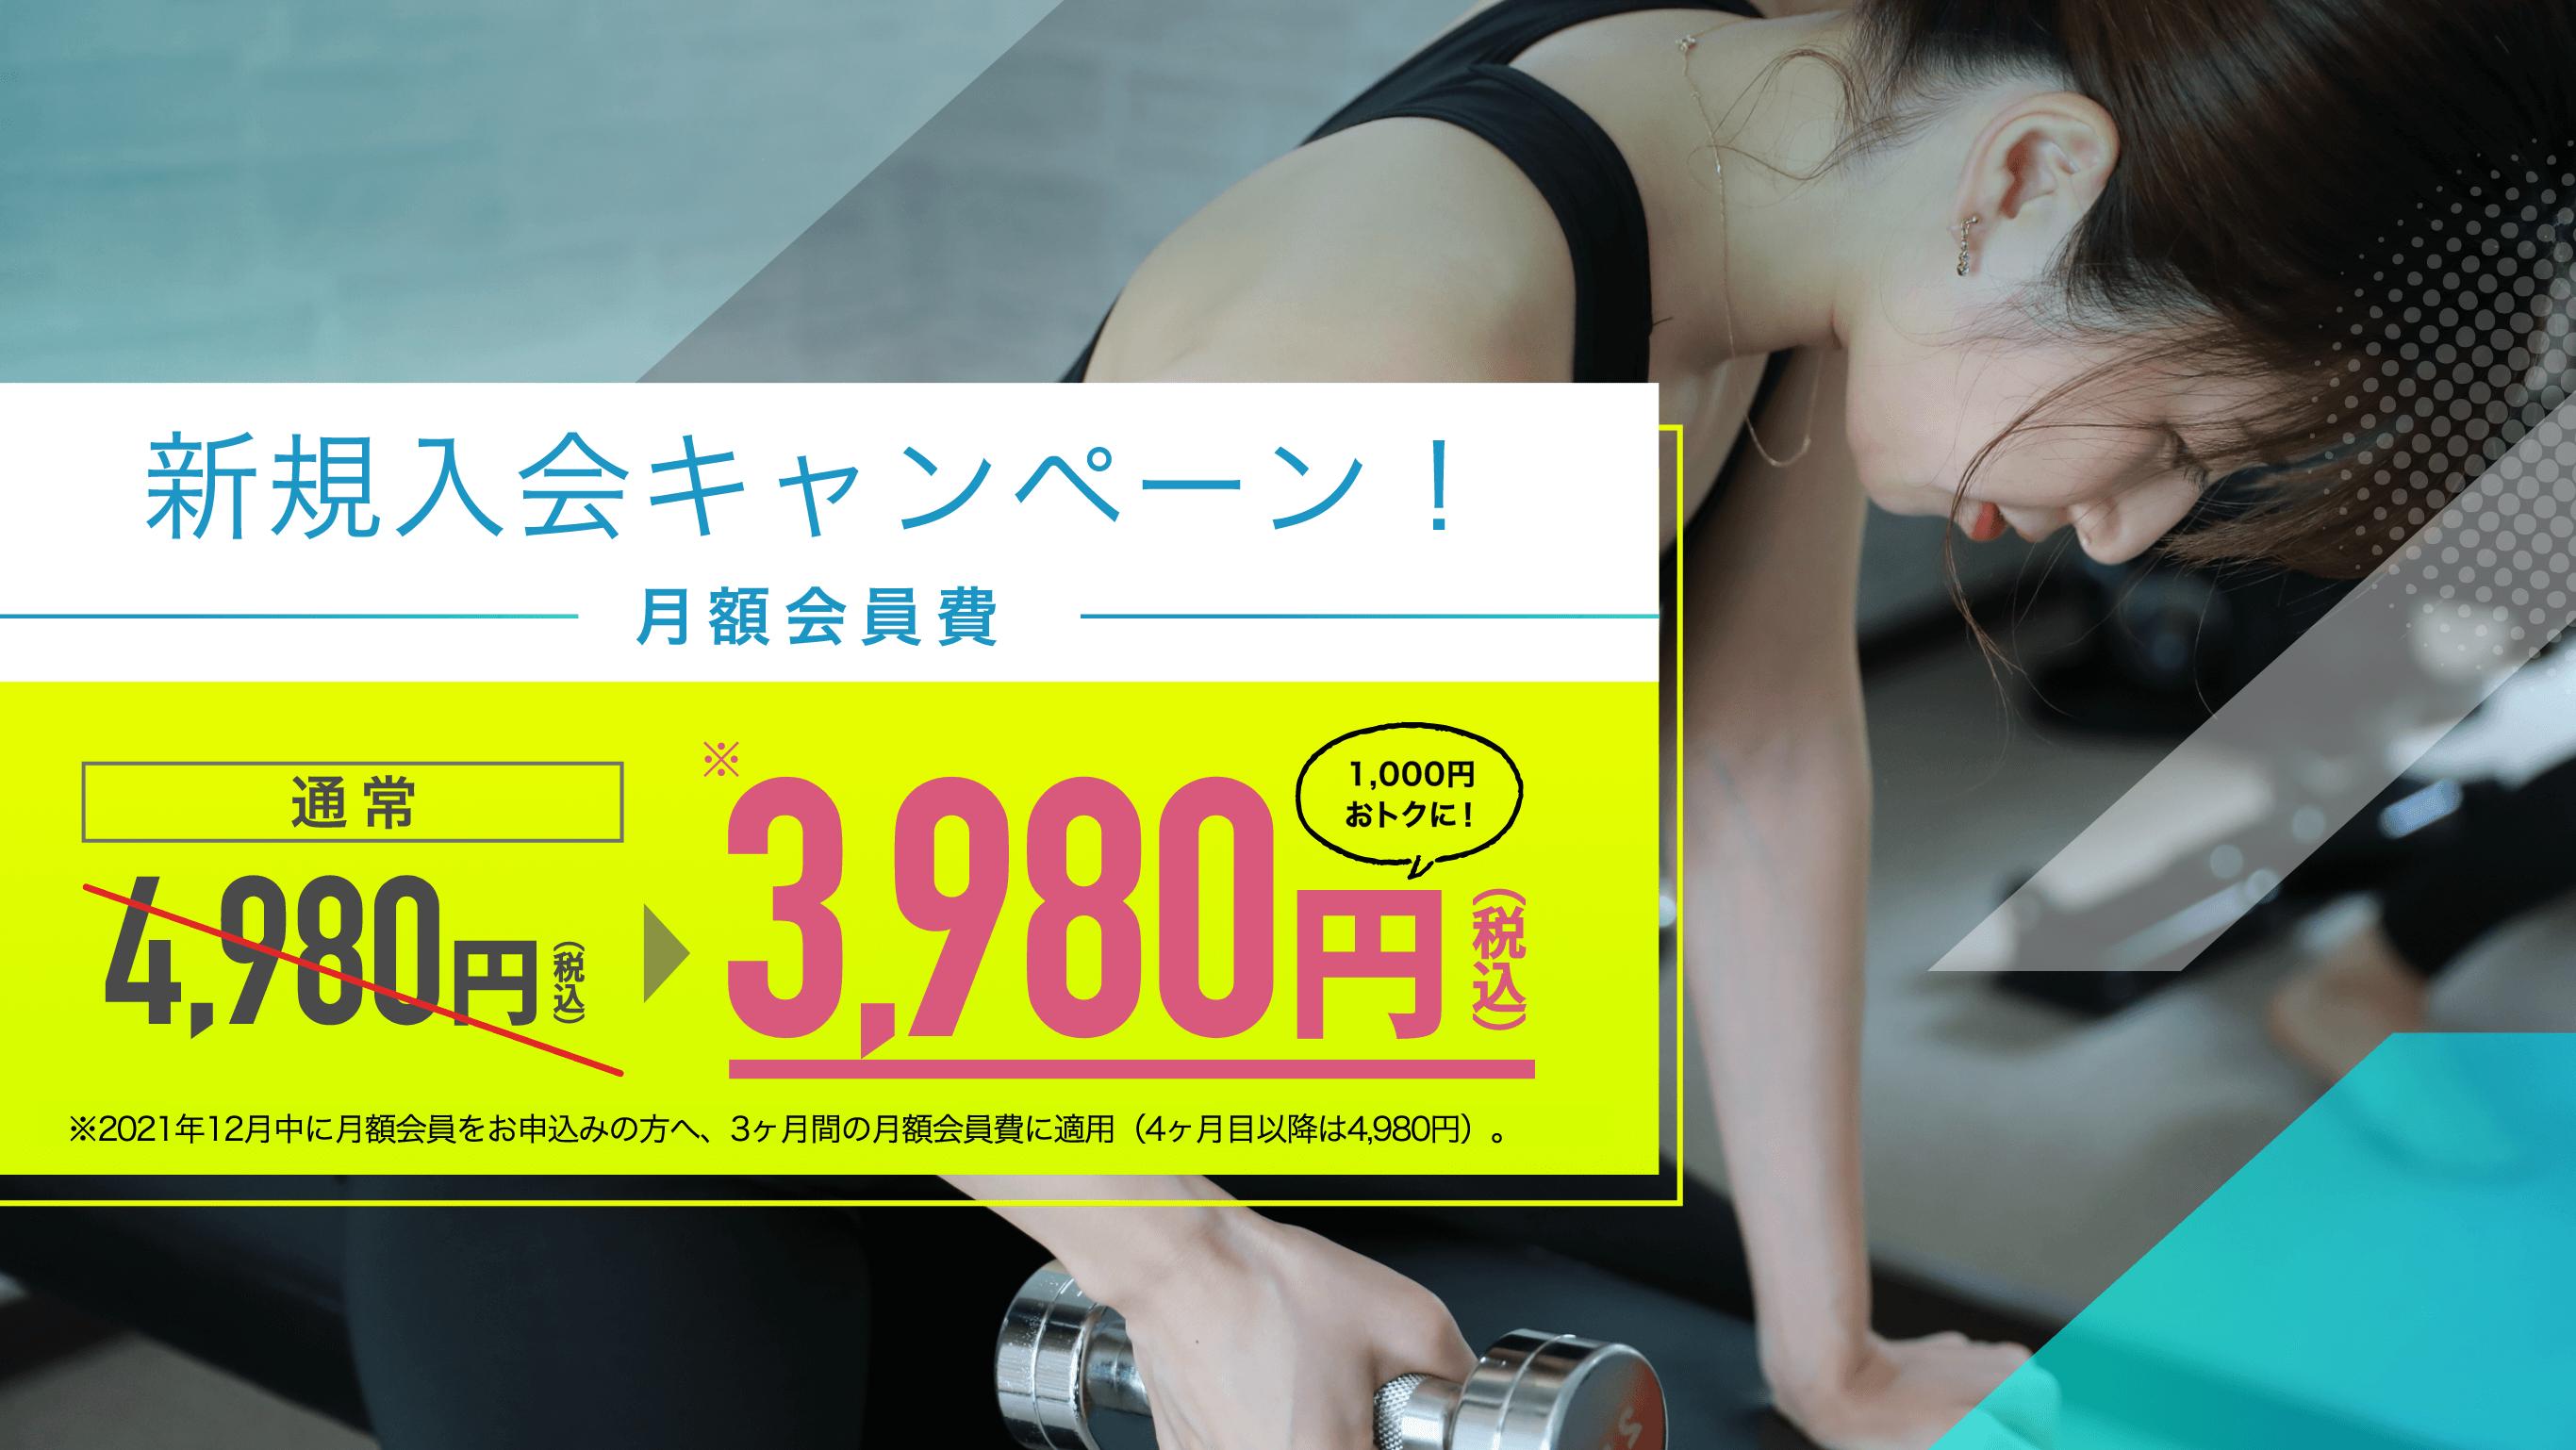 秋の新規入会キャンペーン 月額会員費 通常4,980円が3,980円 2021年10月末お申込み分まで